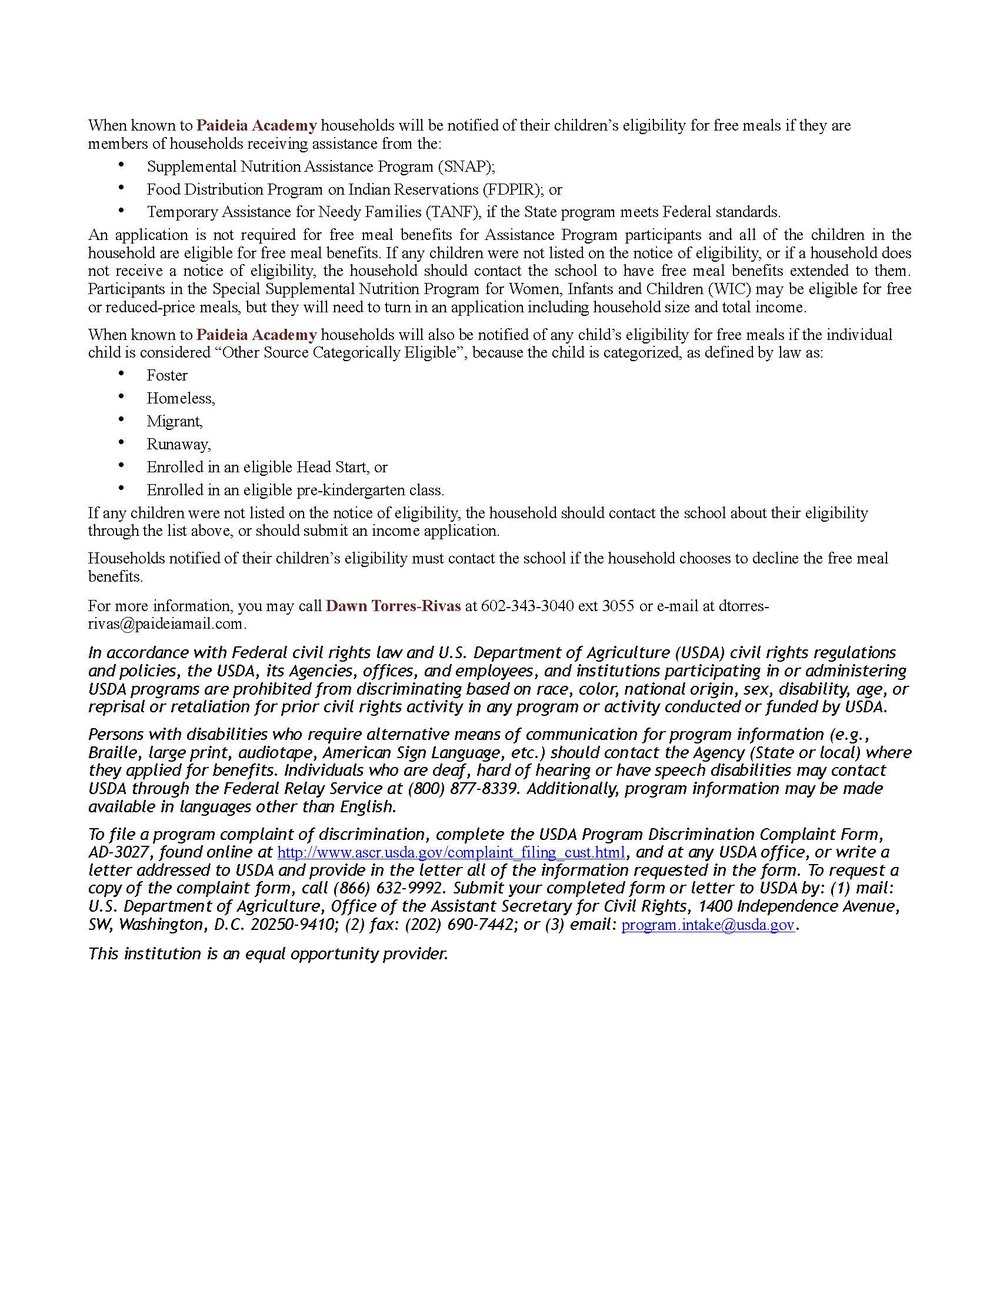 2018-2019 public notice_Page_2.jpg